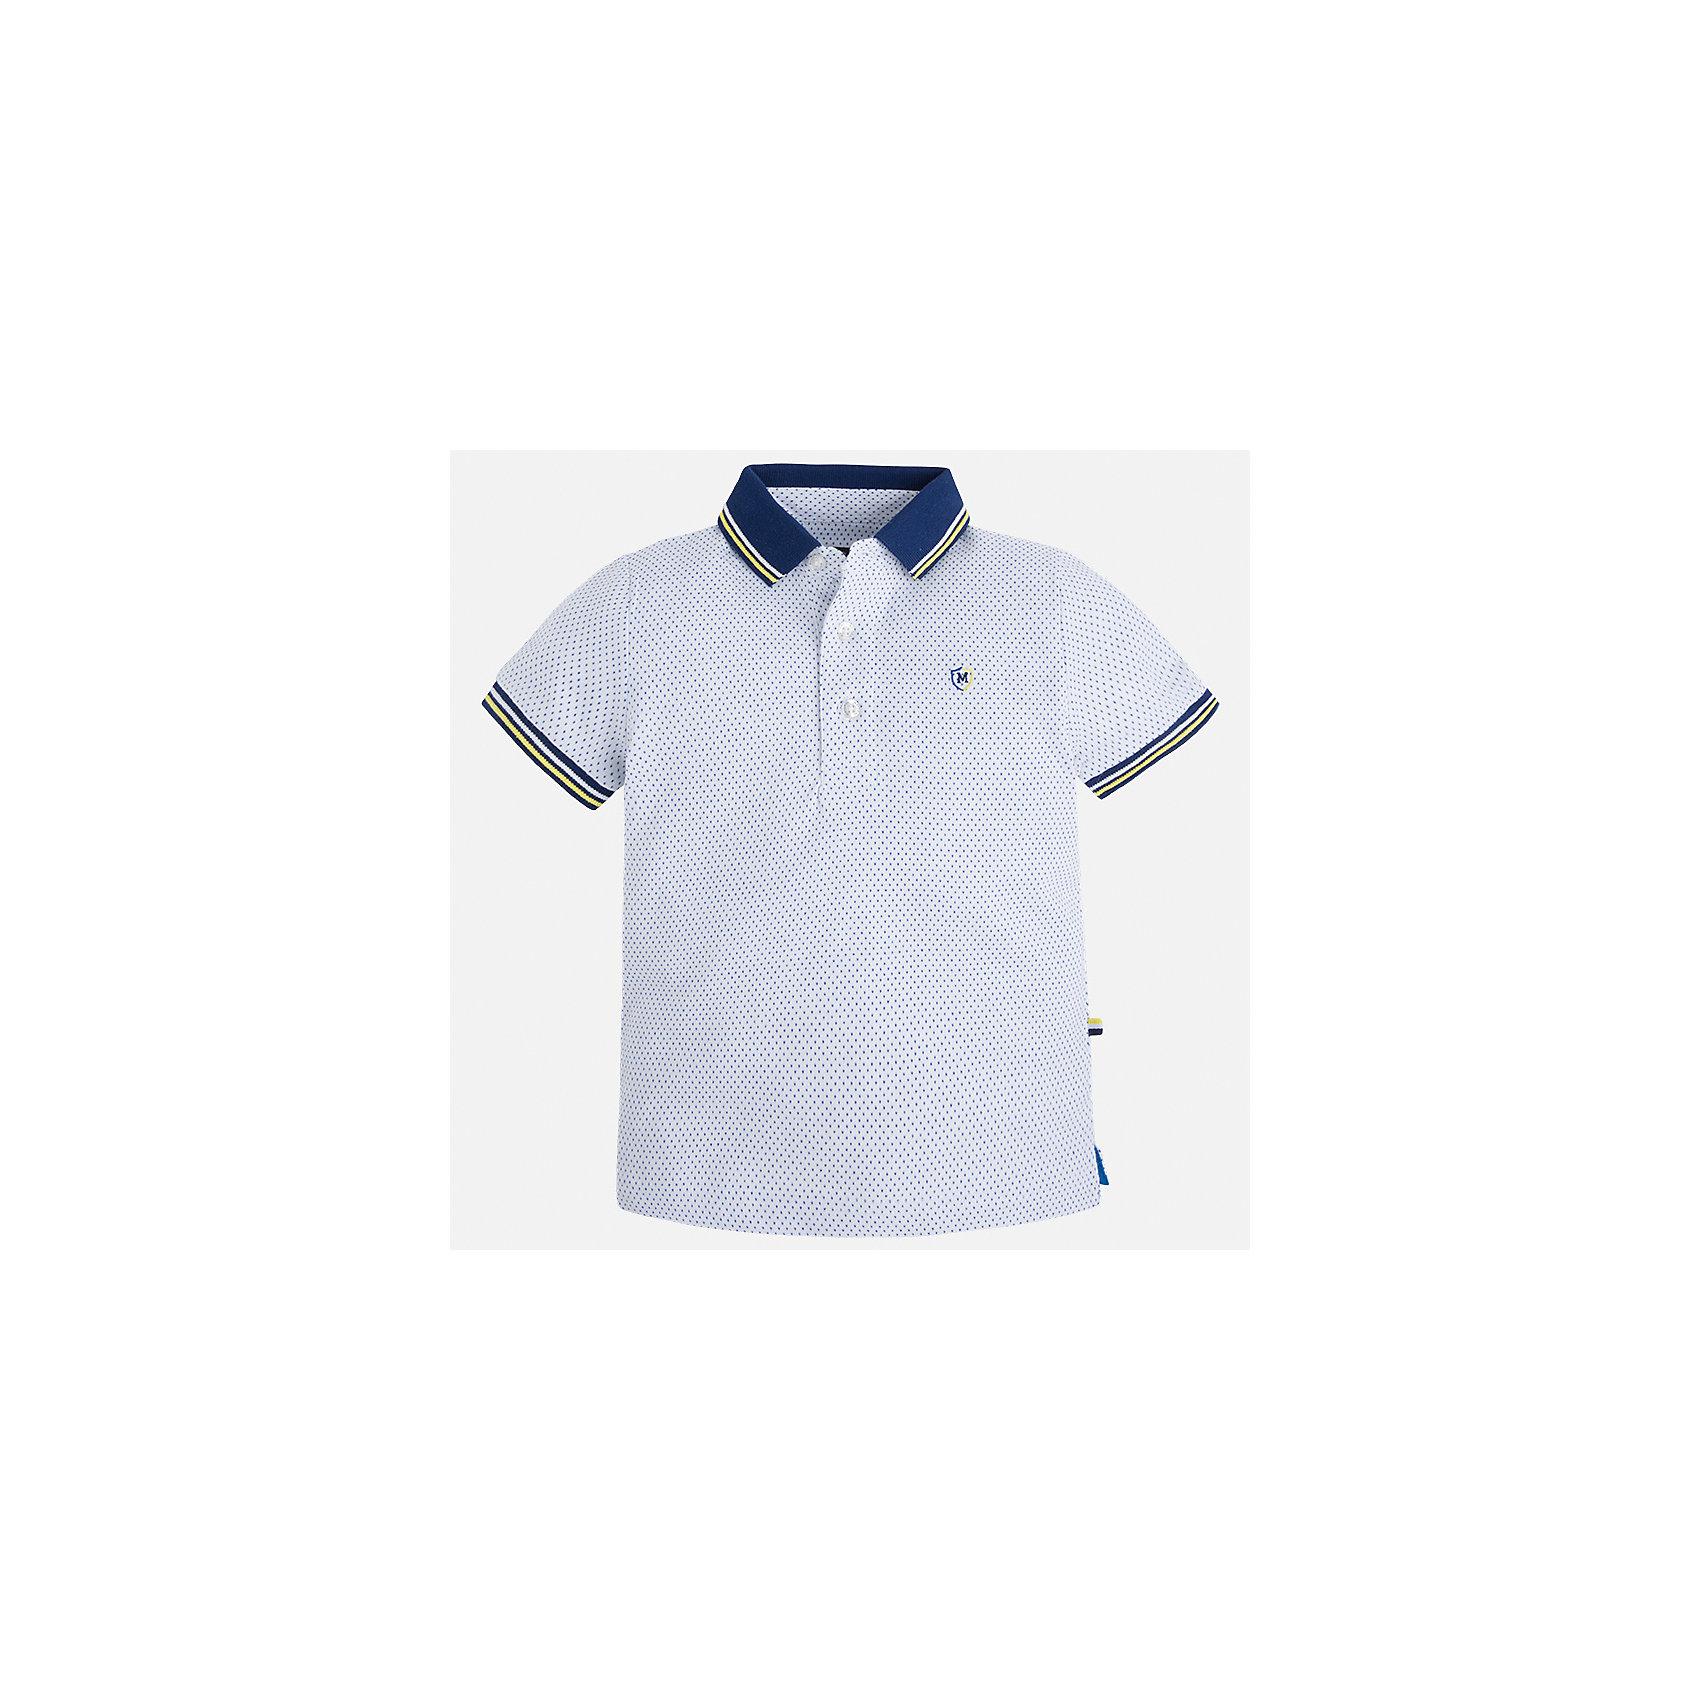 Футболка-поло для мальчика MayoralФутболки, поло и топы<br>Характеристики товара:<br><br>• цвет: белый<br>• состав: 100% хлопок<br>• отложной воротник<br>• короткие рукава<br>• застежка: пуговицы<br>• декорирована вышивкой<br>• страна бренда: Испания<br><br>Модная футболка-поло для мальчика может стать базовой вещью в гардеробе ребенка. Она отлично сочетается с брюками, шортами, джинсами и т.д. Универсальный крой и цвет позволяет подобрать к вещи низ разных расцветок. Практичное и стильное изделие! В составе материала - только натуральный хлопок, гипоаллергенный, приятный на ощупь, дышащий.<br><br>Одежда, обувь и аксессуары от испанского бренда Mayoral полюбились детям и взрослым по всему миру. Модели этой марки - стильные и удобные. Для их производства используются только безопасные, качественные материалы и фурнитура. Порадуйте ребенка модными и красивыми вещами от Mayoral! <br><br>Футболку-поло для мальчика от испанского бренда Mayoral (Майорал) можно купить в нашем интернет-магазине.<br><br>Ширина мм: 199<br>Глубина мм: 10<br>Высота мм: 161<br>Вес г: 151<br>Цвет: белый<br>Возраст от месяцев: 48<br>Возраст до месяцев: 60<br>Пол: Мужской<br>Возраст: Детский<br>Размер: 110,122,116,104,134,98,92,128<br>SKU: 5271859